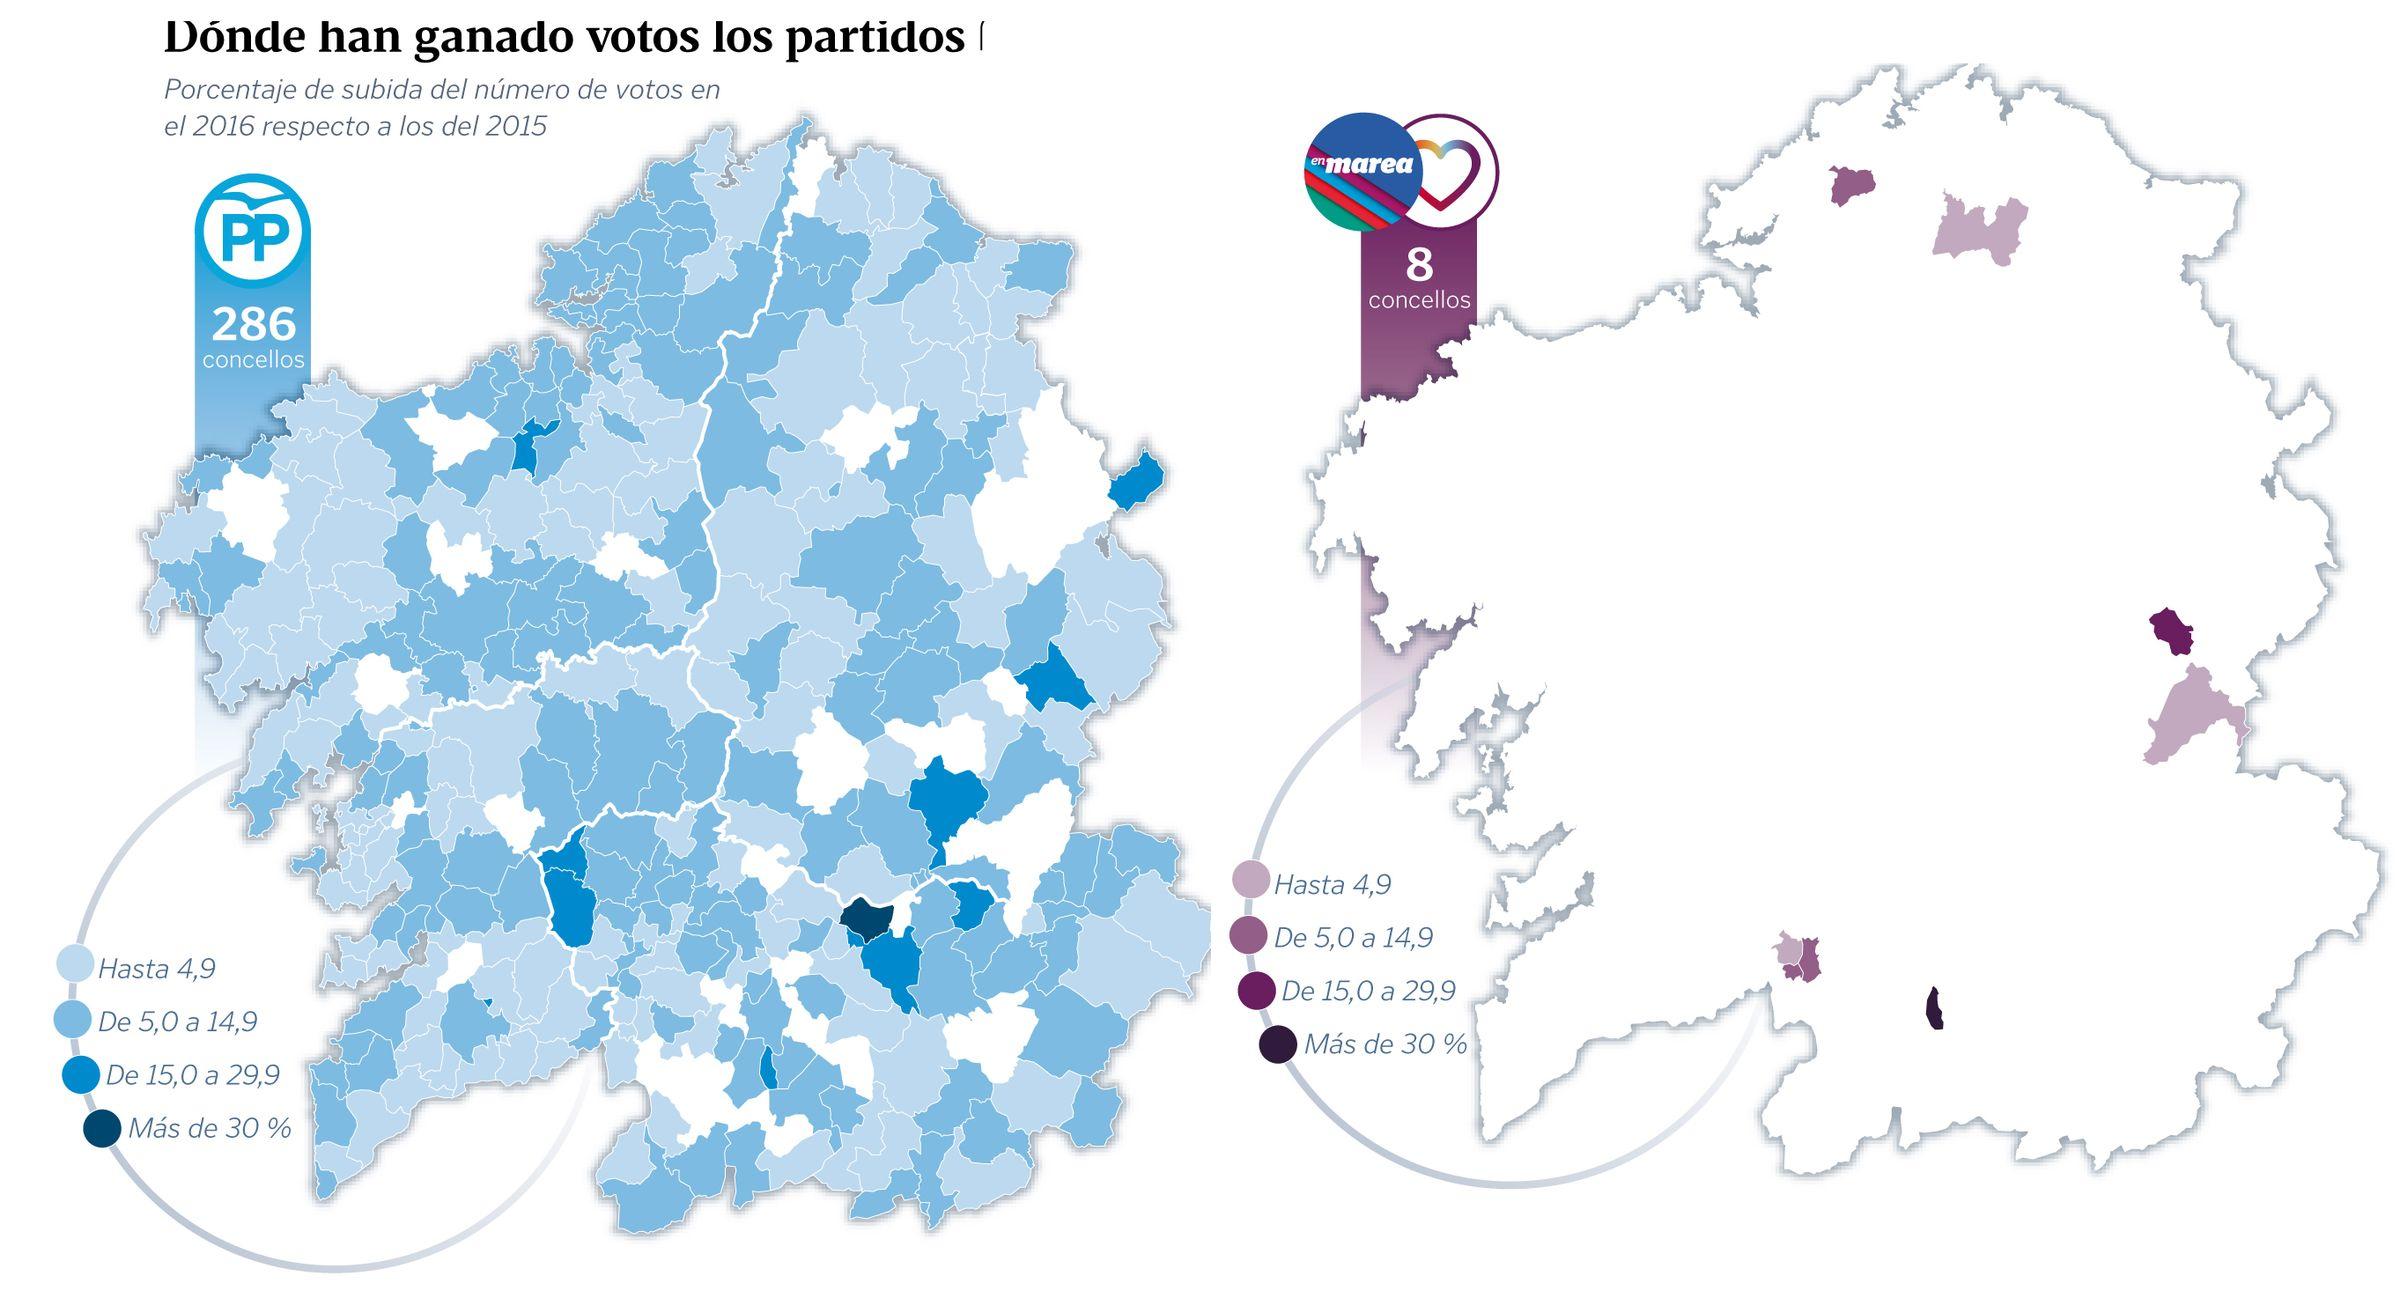 ¿Dónde han ganado votos los partidos?